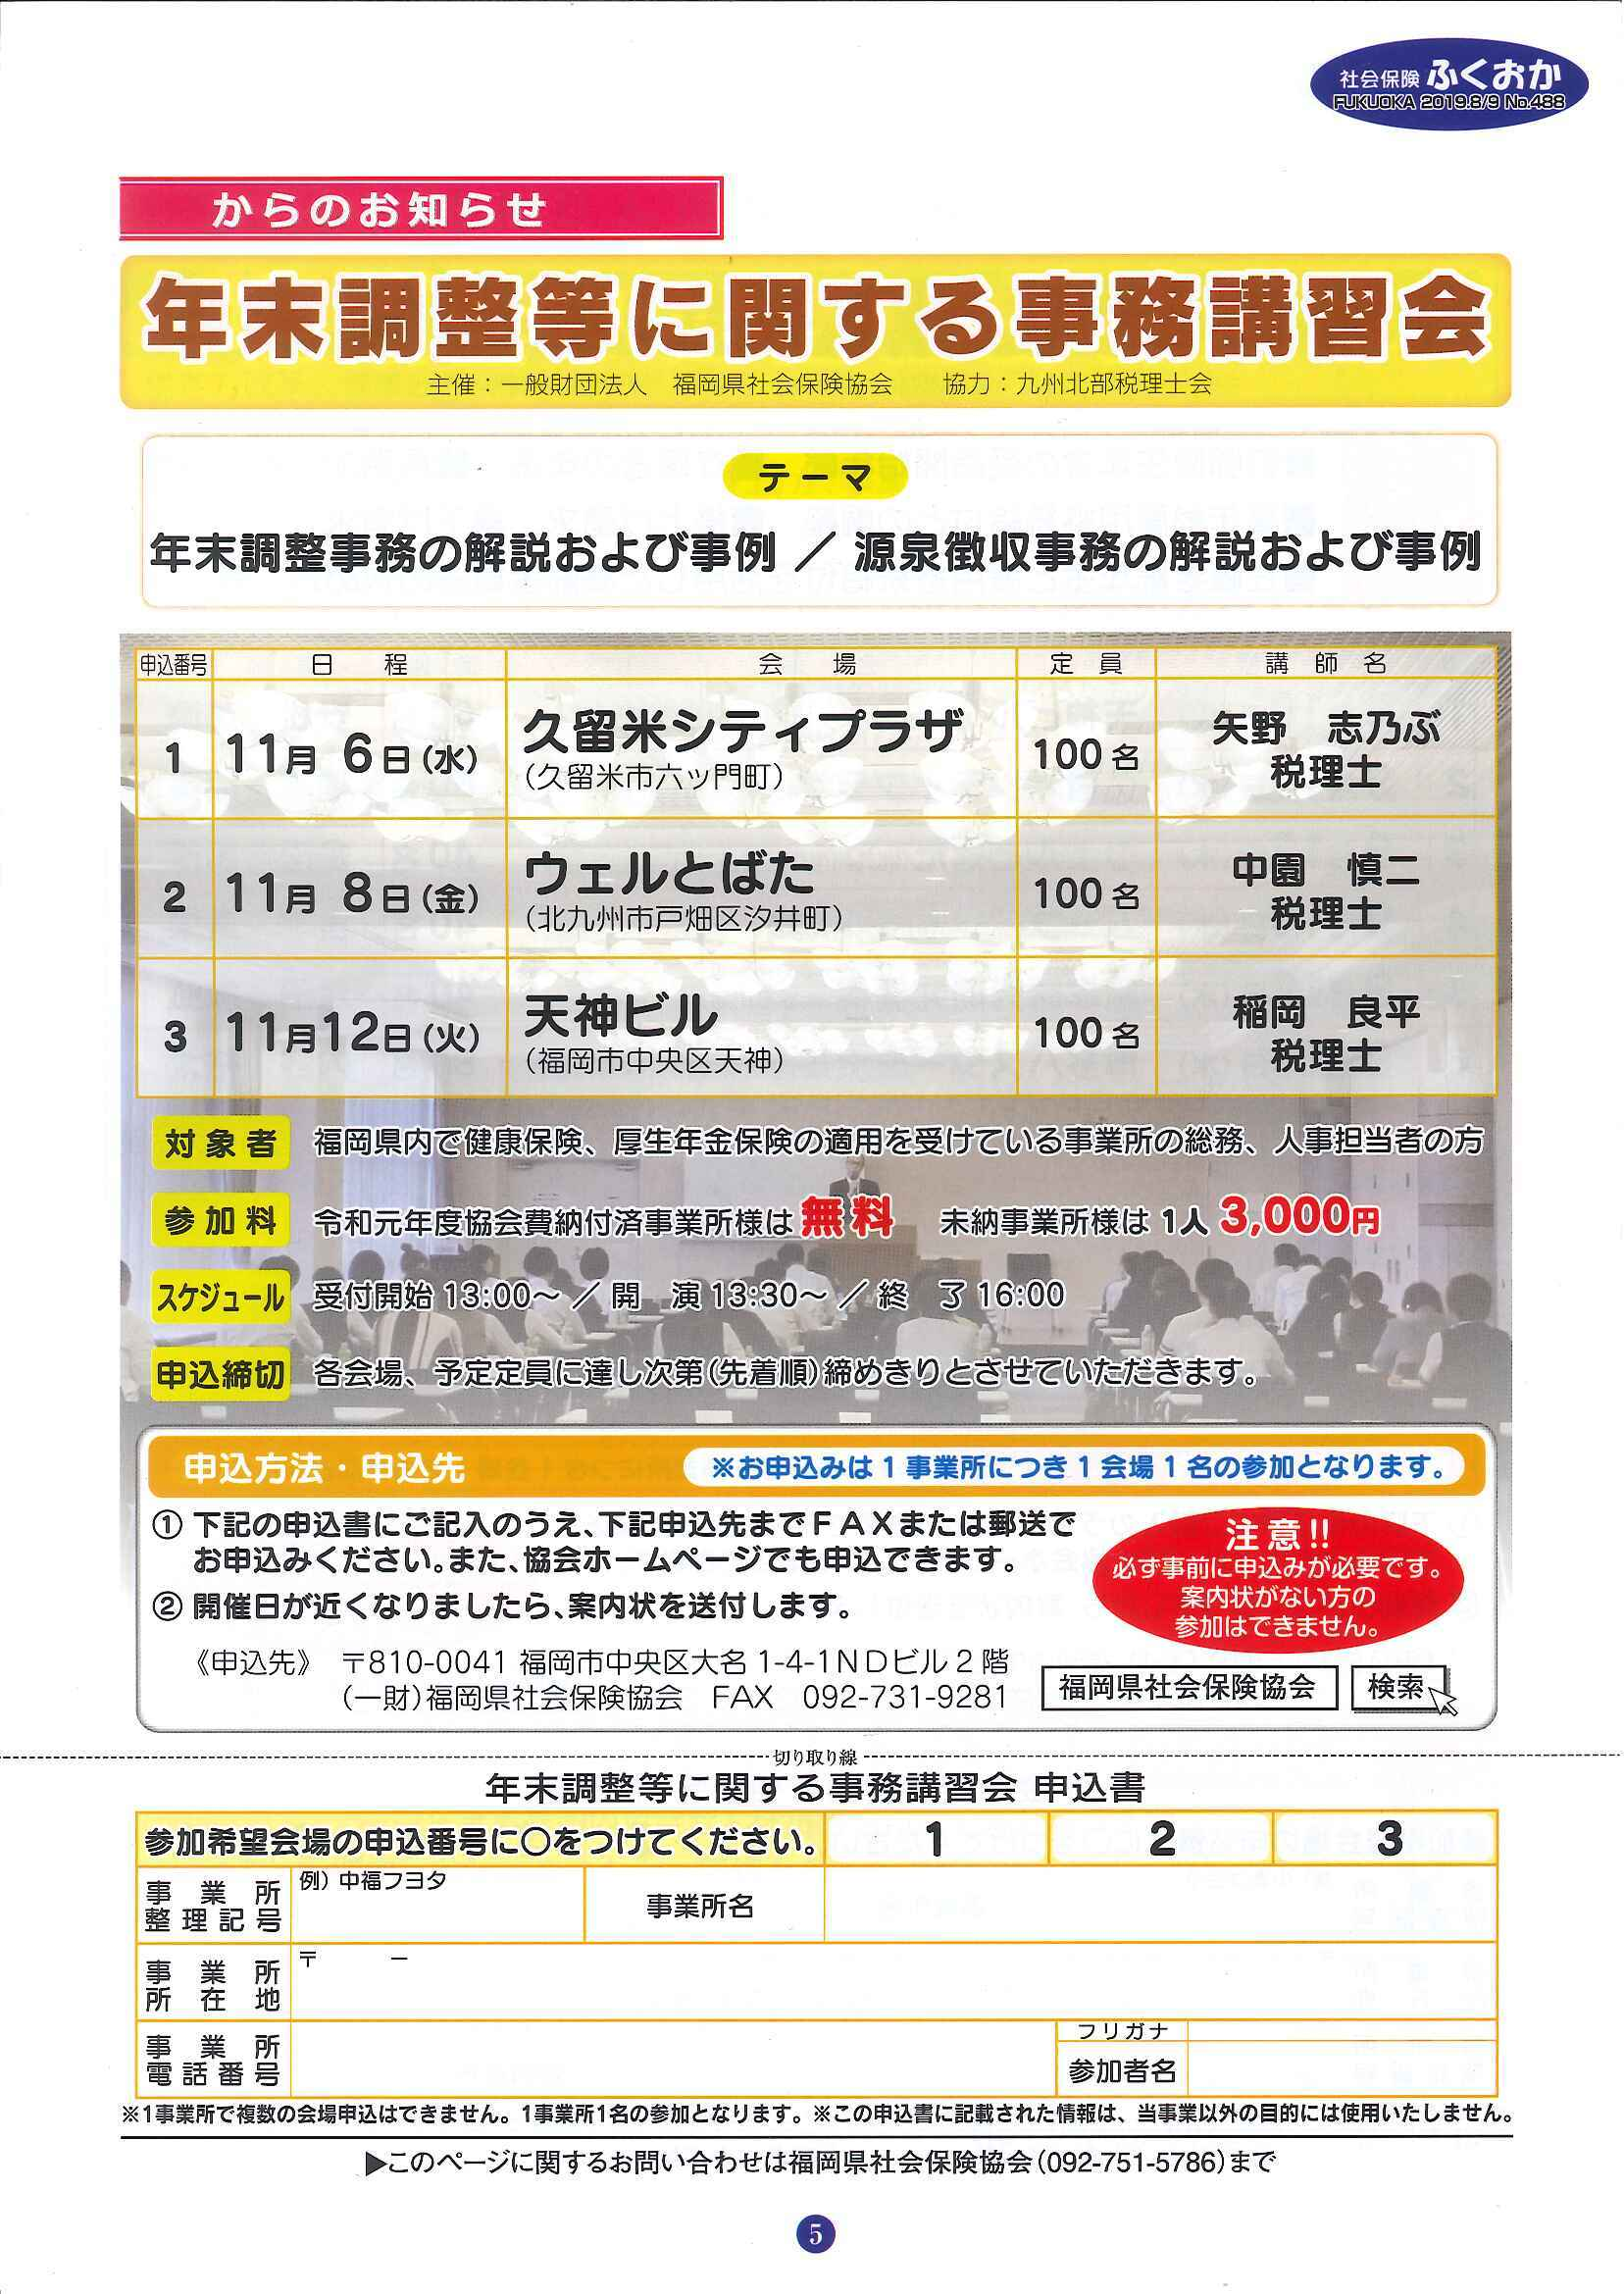 社会保険 ふくおか 2019年8・9月号_f0120774_15460500.jpg